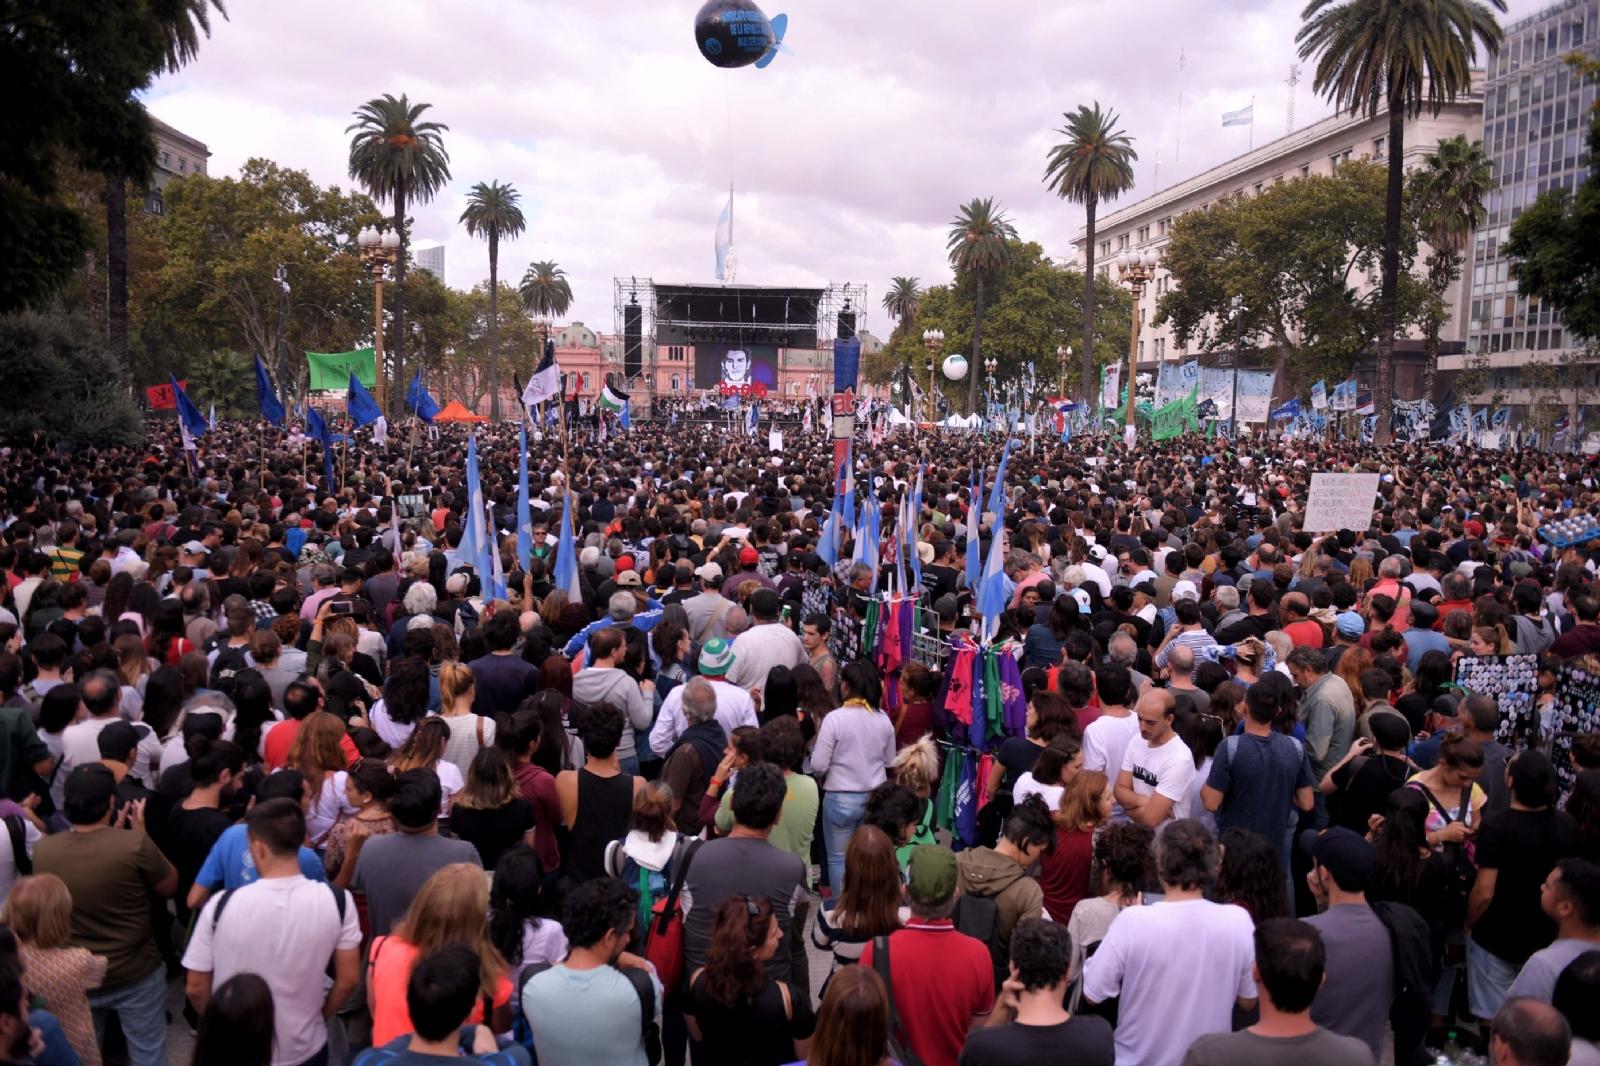 Política: Santiago marchó por la Memoria, la Verdad y la Justicia